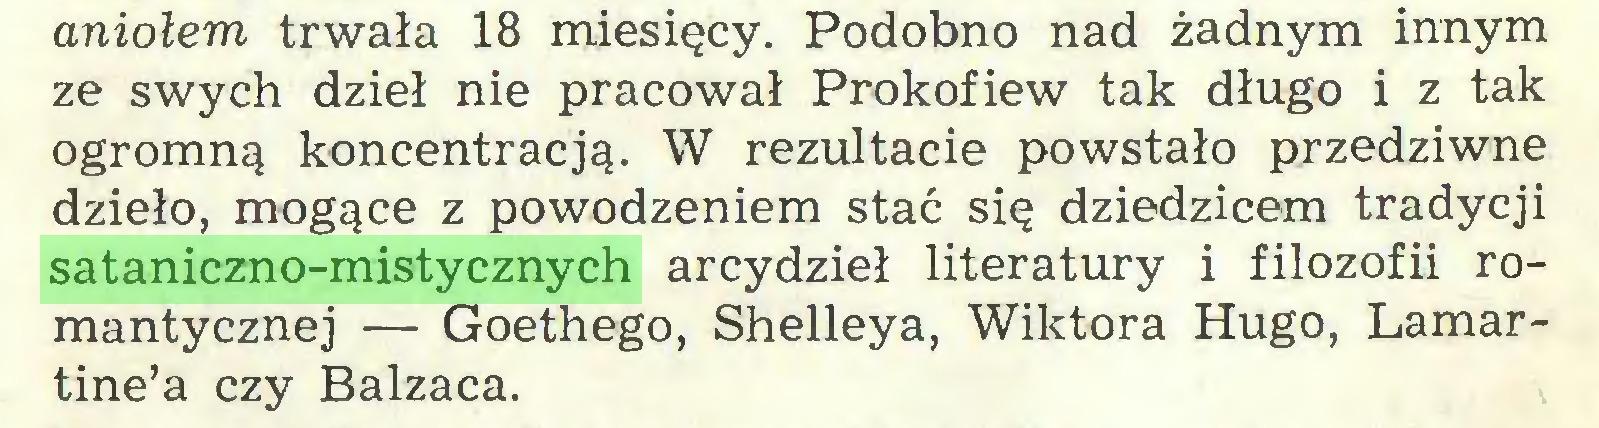 (...) aniołem trwała 18 miesięcy. Podobno nad żadnym innym ze swych dzieł nie pracował Prokofiew tak długo i z tak ogromną koncentracją. W rezultacie powstało przedziwne dzieło, mogące z powodzeniem stać się dziedzicem tradycji sataniczno-mistycznych arcydzieł literatury i filozofii romantycznej — Goethego, Shelleya, Wiktora Hugo, Lamartine'a czy Balzaca...